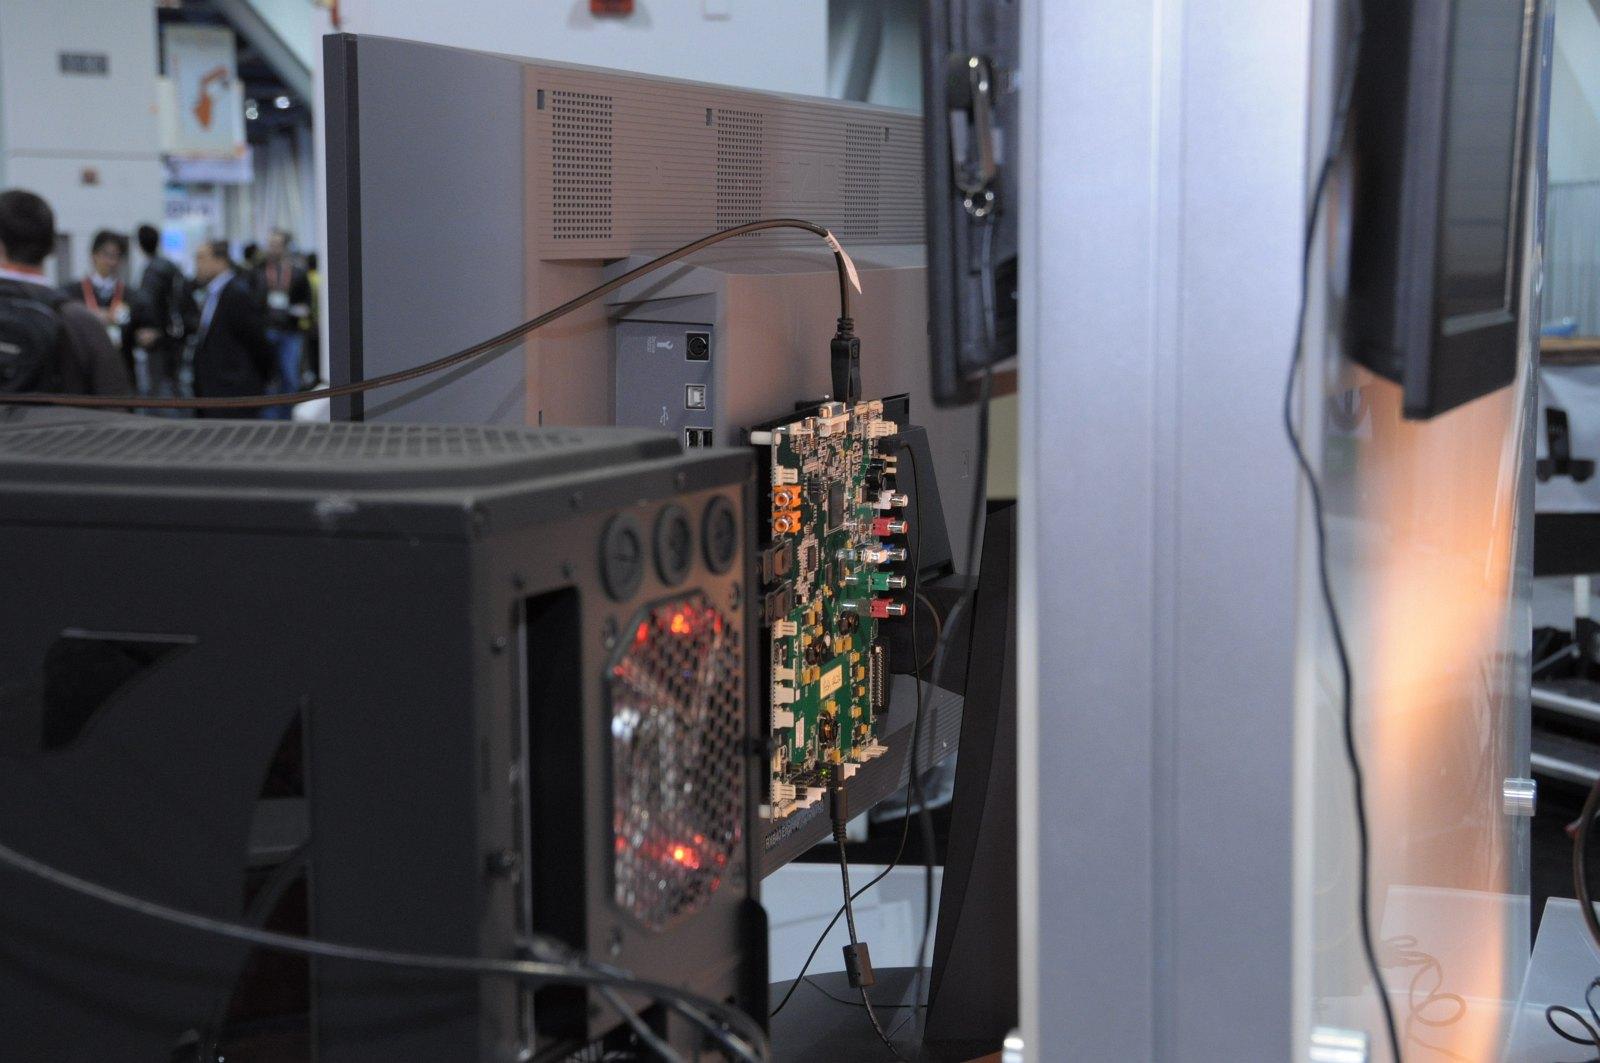 Daisychaining: 63 Monitore per Displayport an einer Grafikkarte -